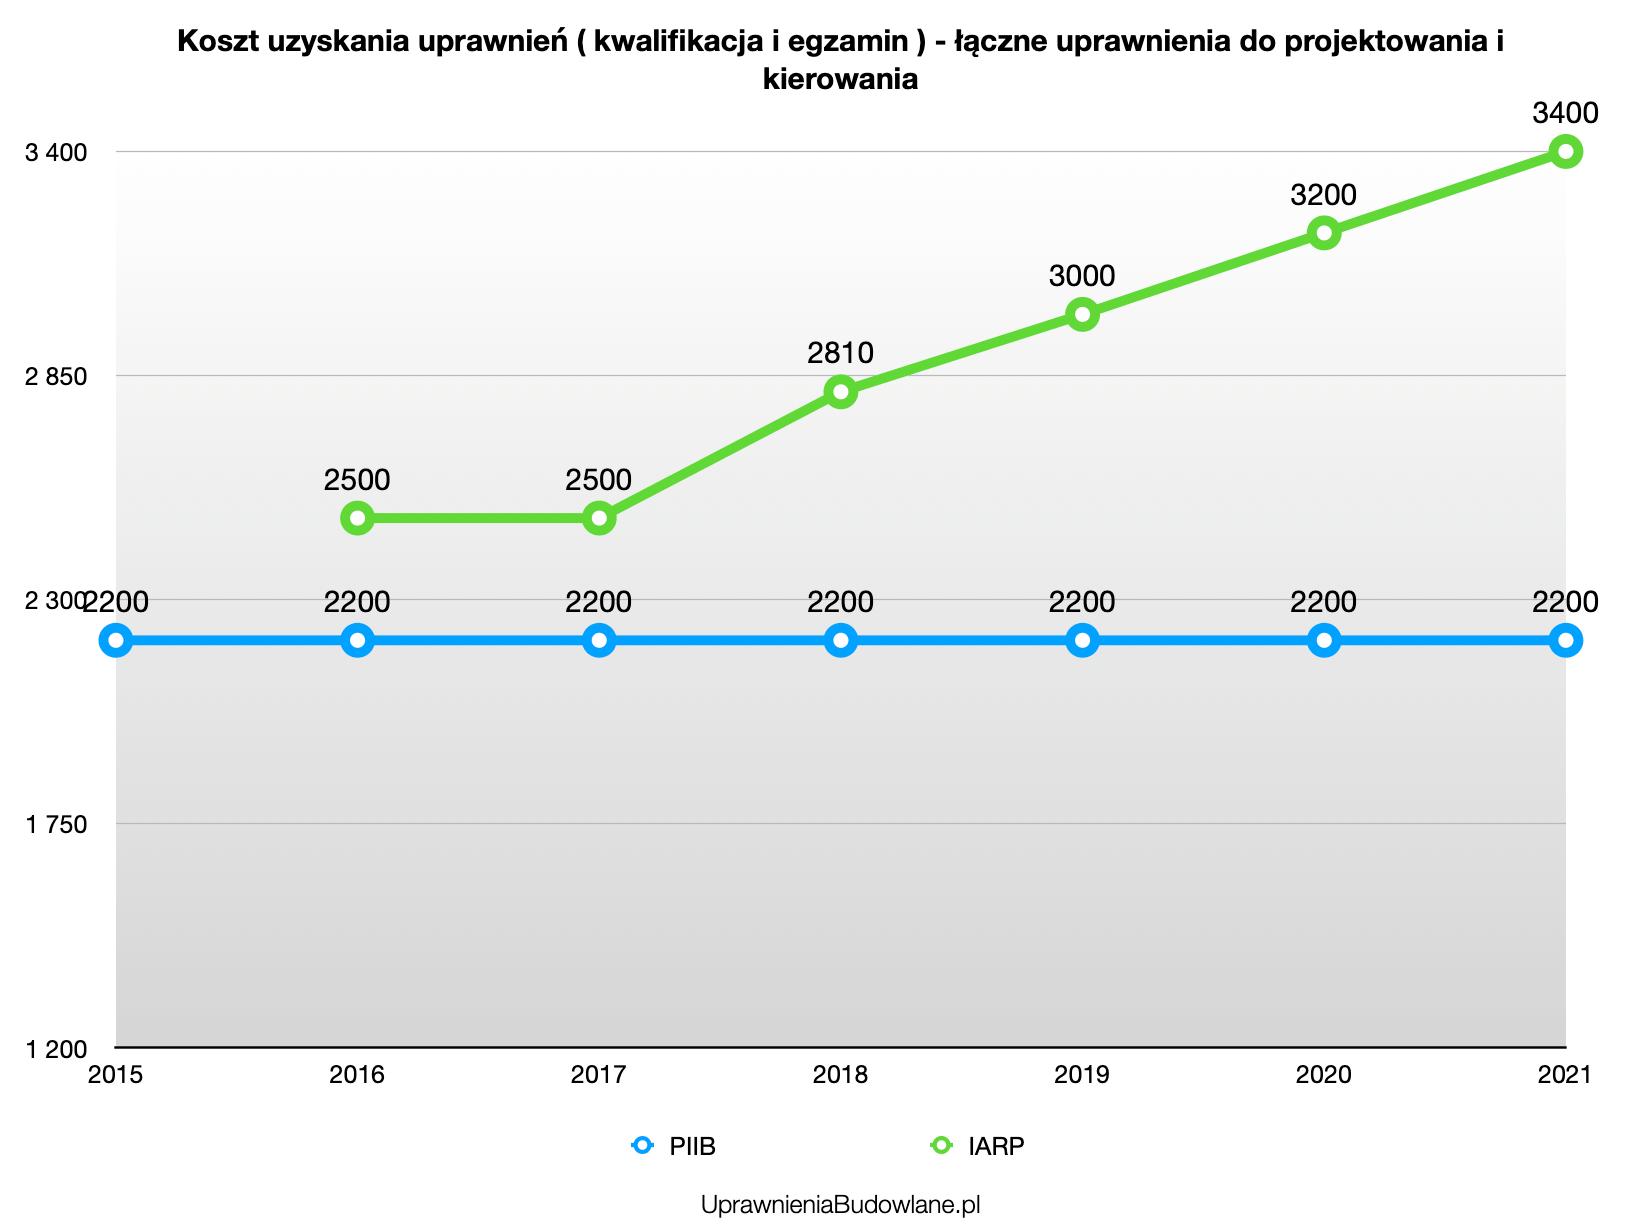 Łączone uprawnienia do kierowania i projektowania - opłaty kwalifikacyjne i koszty egzaminu od 2015 do 2021 roku.